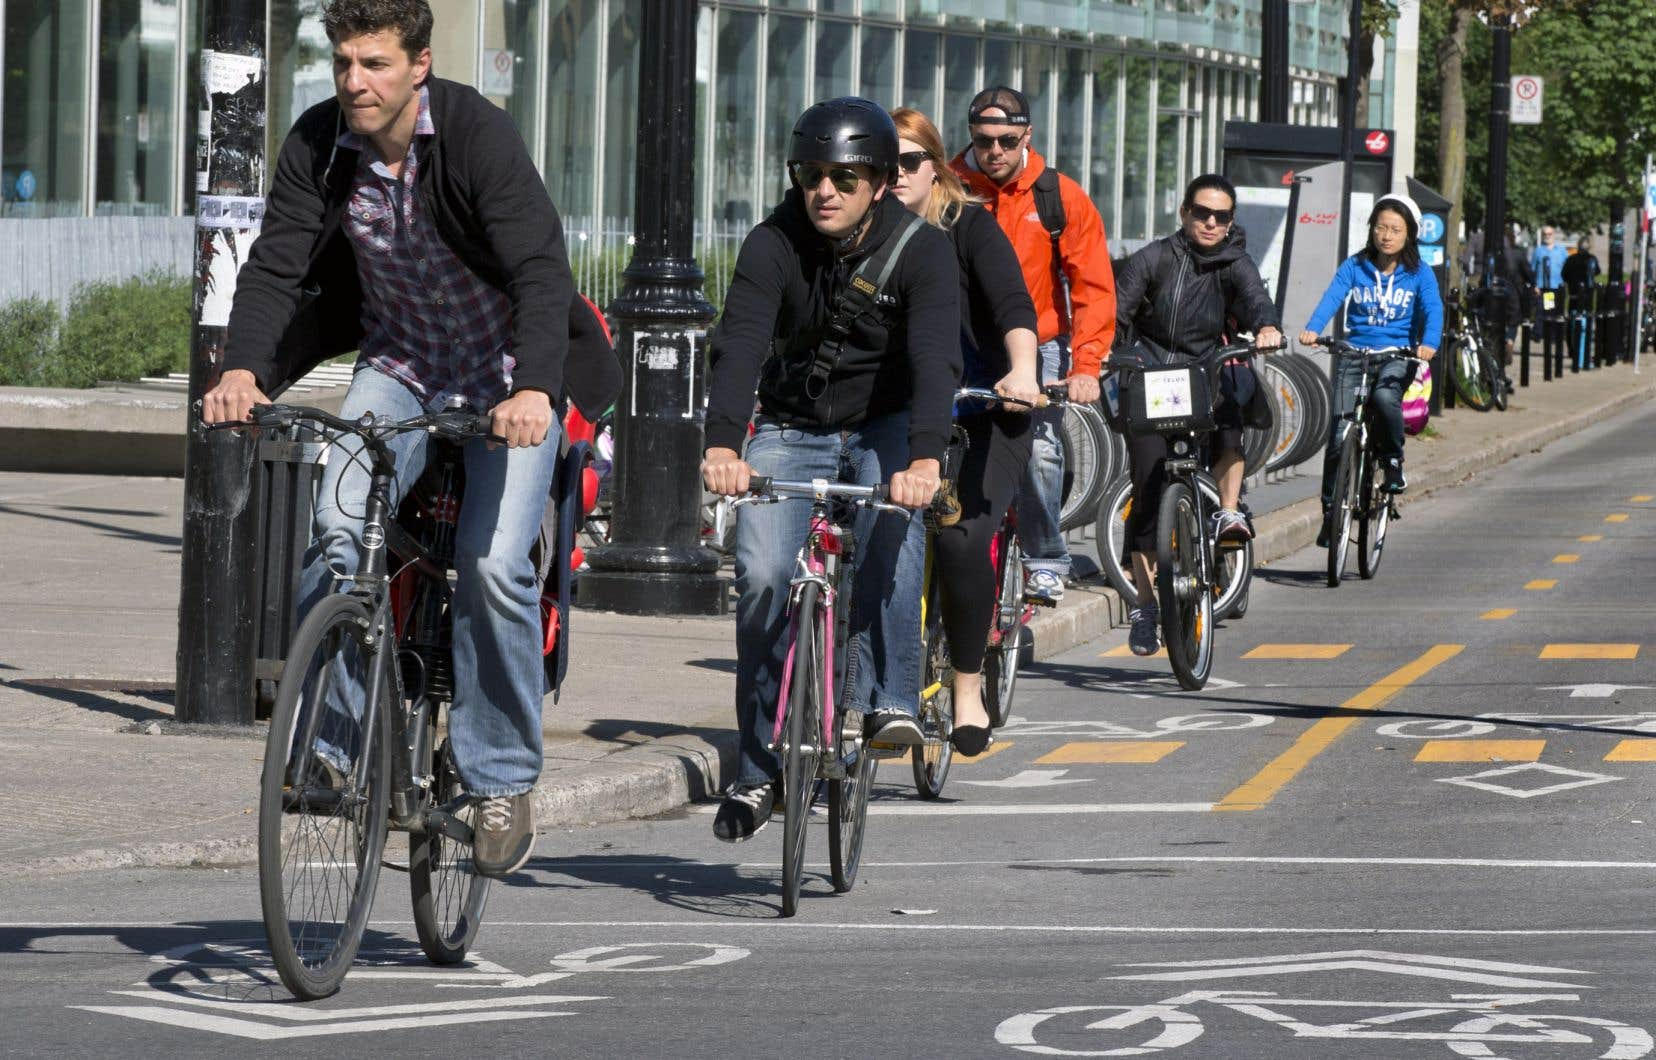 «Il existe pourtant des modèles de mobilité qui semblent beaucoup plus inspirants pour la qualité de vie, en ce début du XXI<sup>e</sup>siècle, tels que ceux de Copenhague, Amsterdam, Munich, pour n'en nommer que trois», écrit l'auteur.